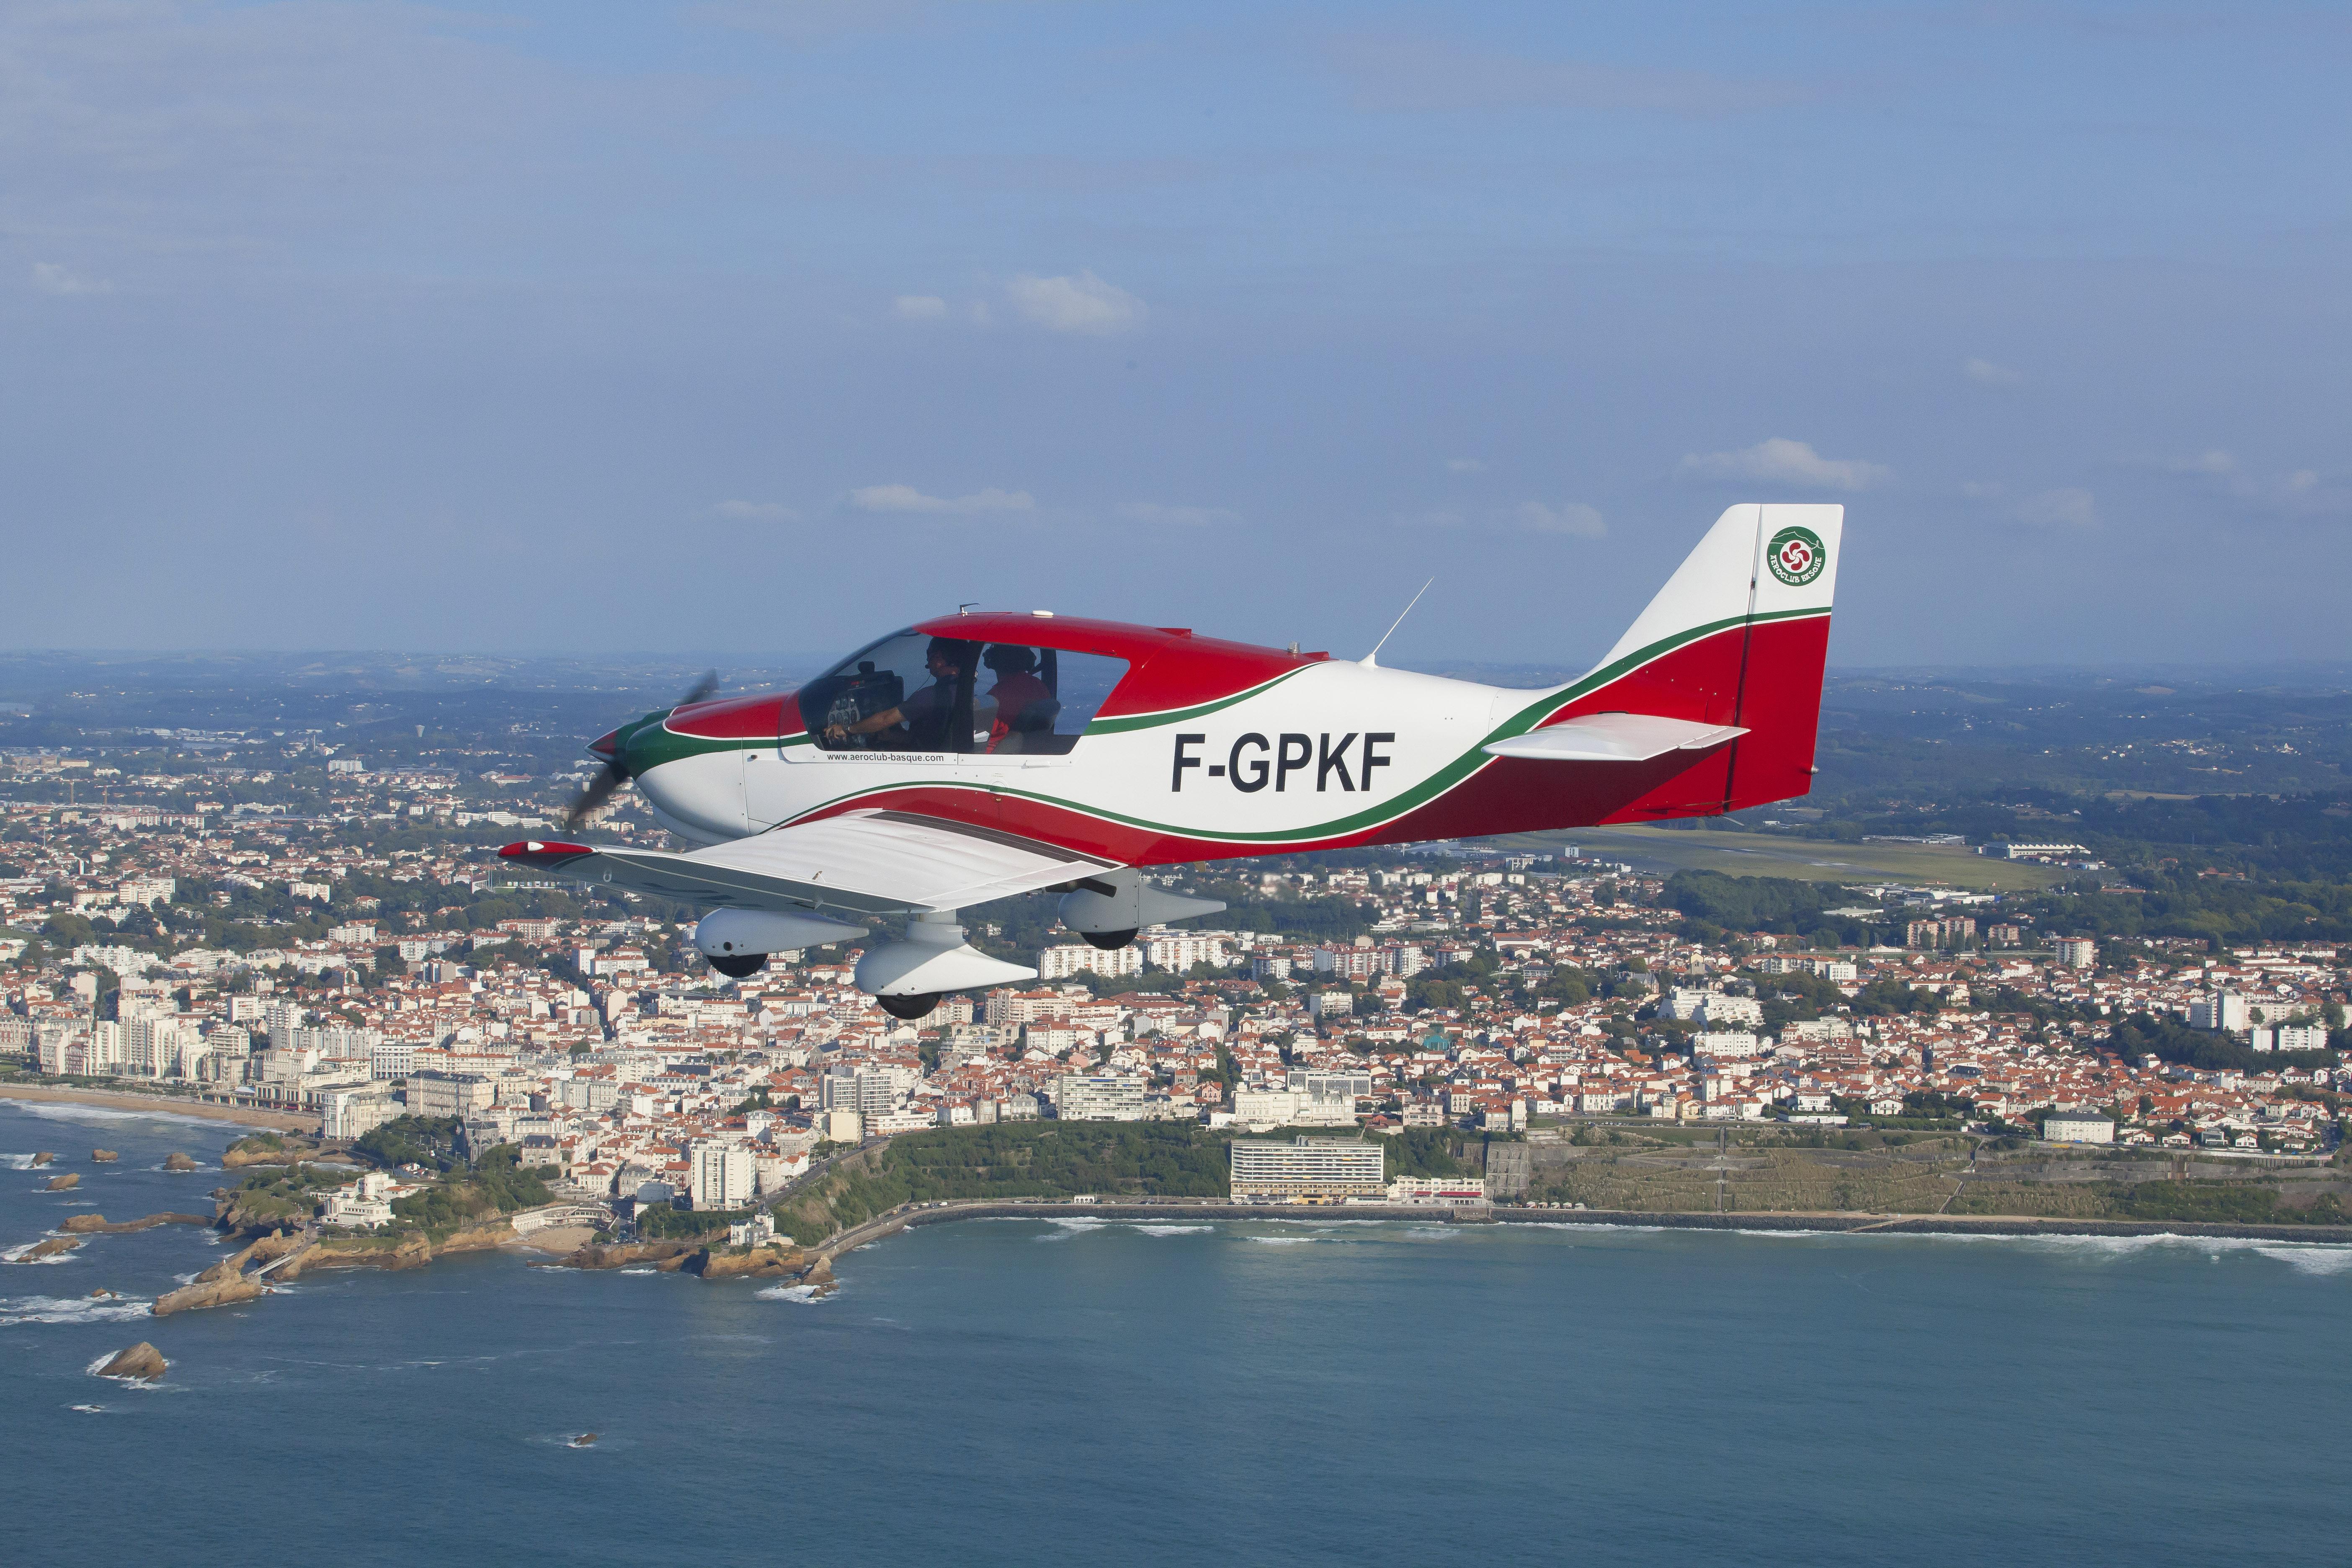 DR 400 Aéro-club Basque